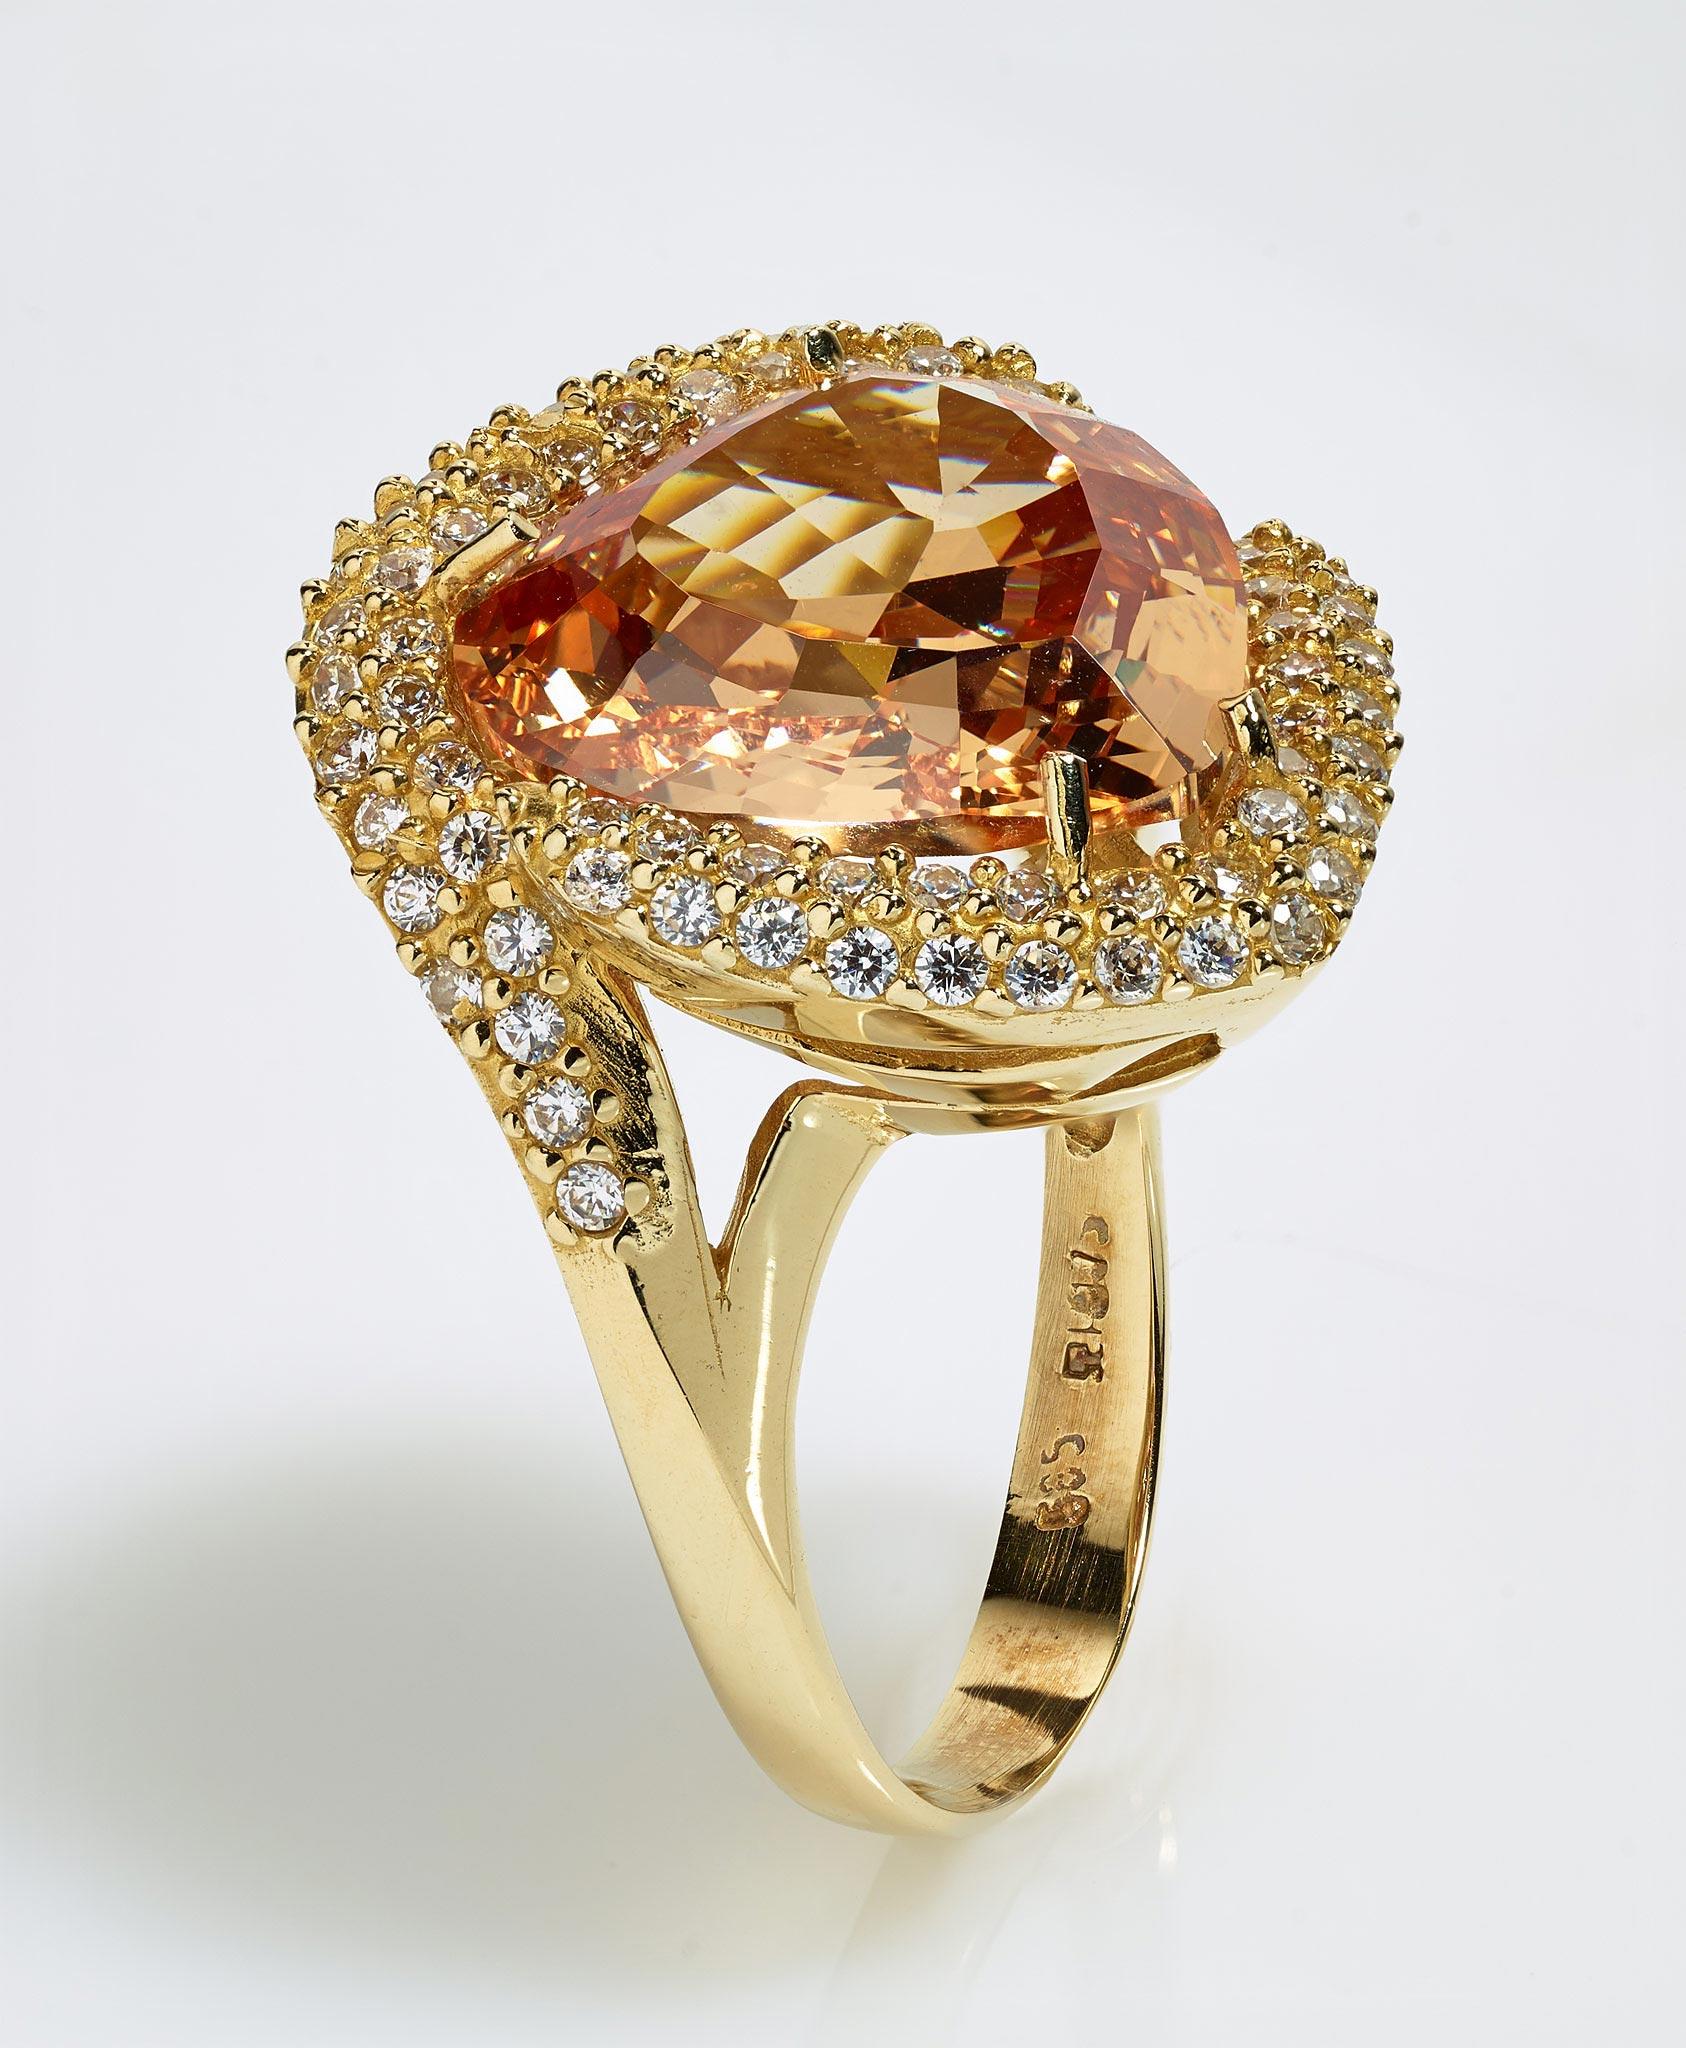 jewelry_043.jpg